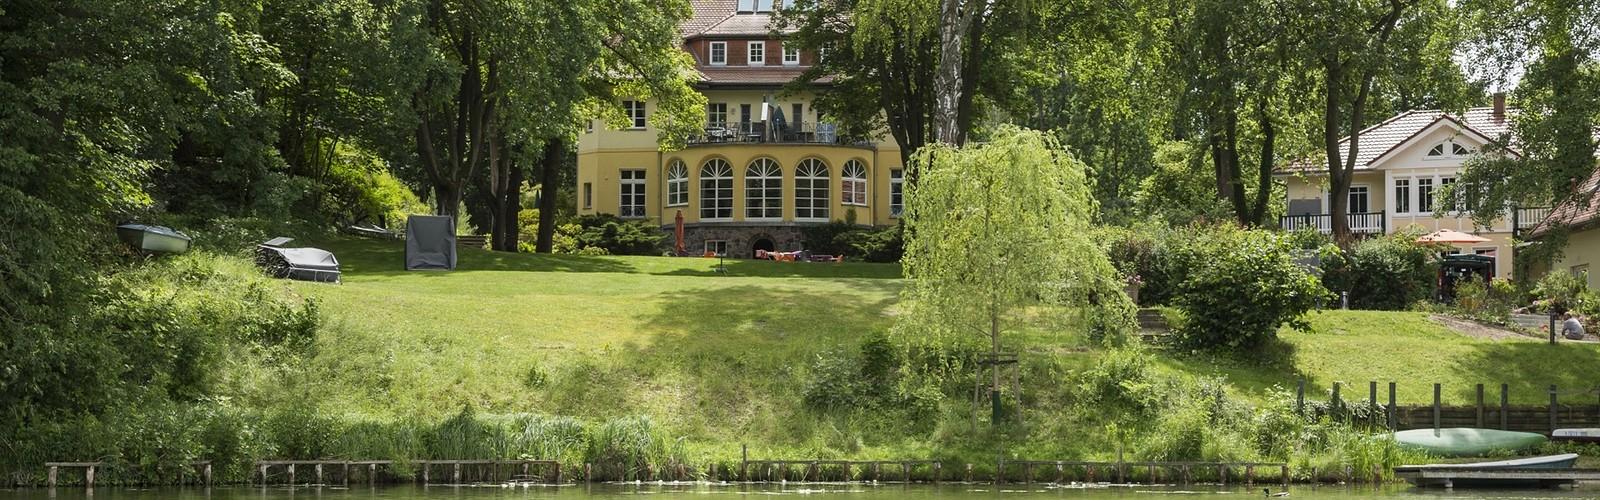 Ansicht vom Wasser aus Landhaus Himmelpfort, Foto: TMB-Fotoarchiv/Steffen Lehmann